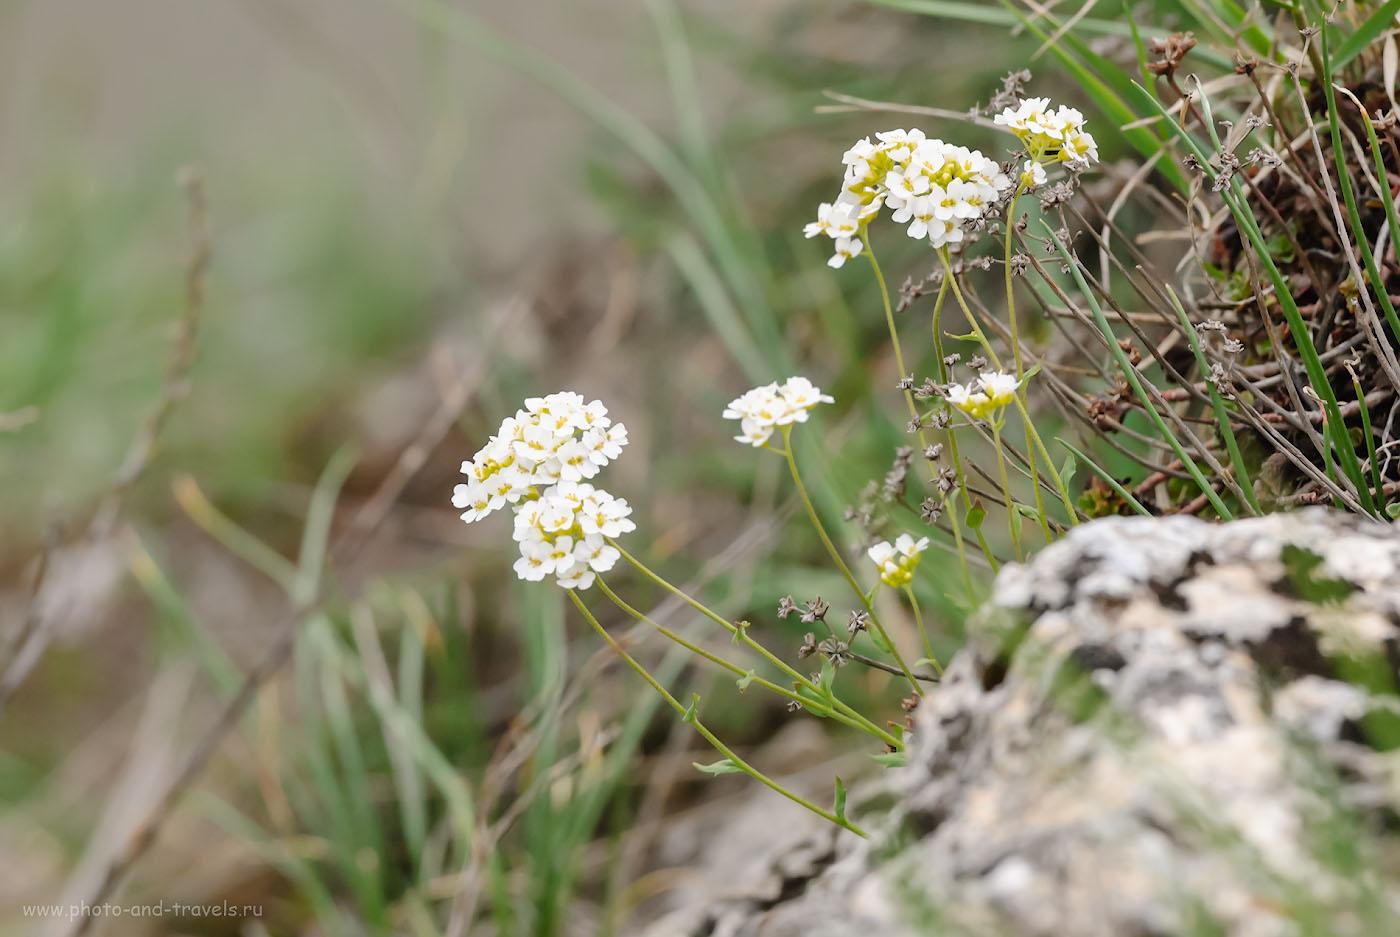 Снимок 22. Цветы на скалах. Поехать отдохнуть в Башкирию и забыть обо всём. 1/160, -0.33, 8.0, 500, 190.